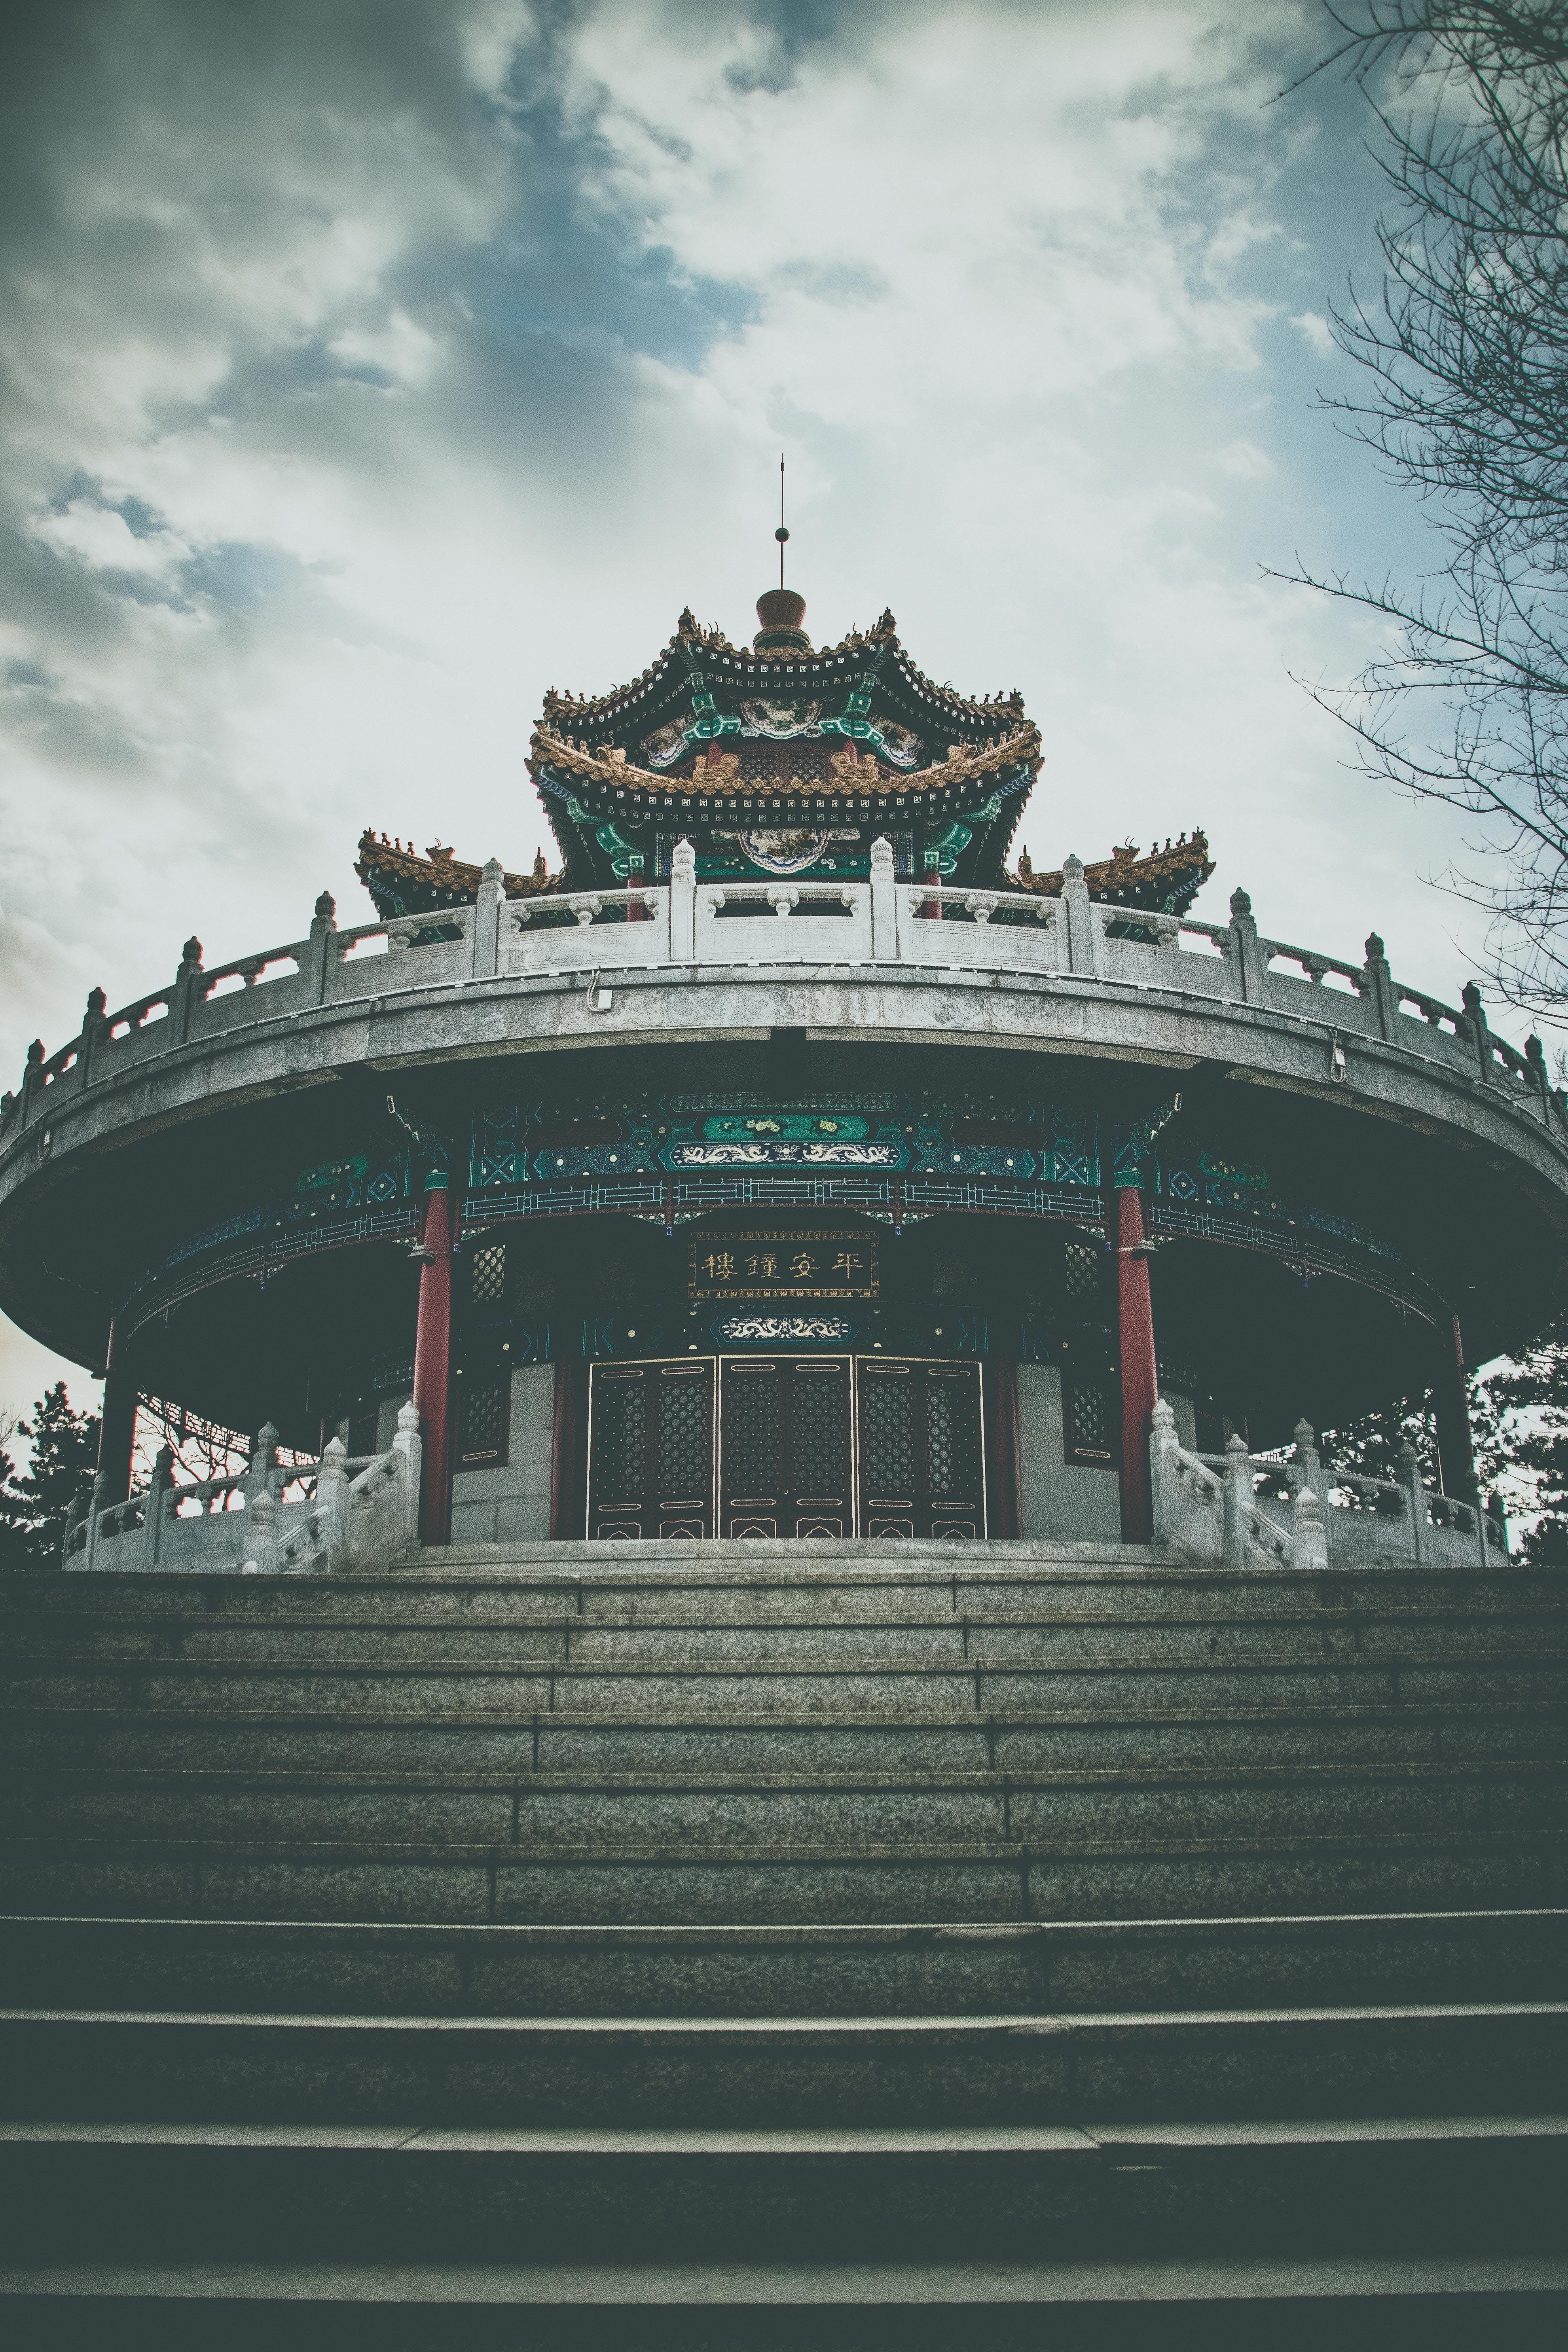 Kostenloses Stock Foto zu architektur, asiatische architektur, außen, bäume